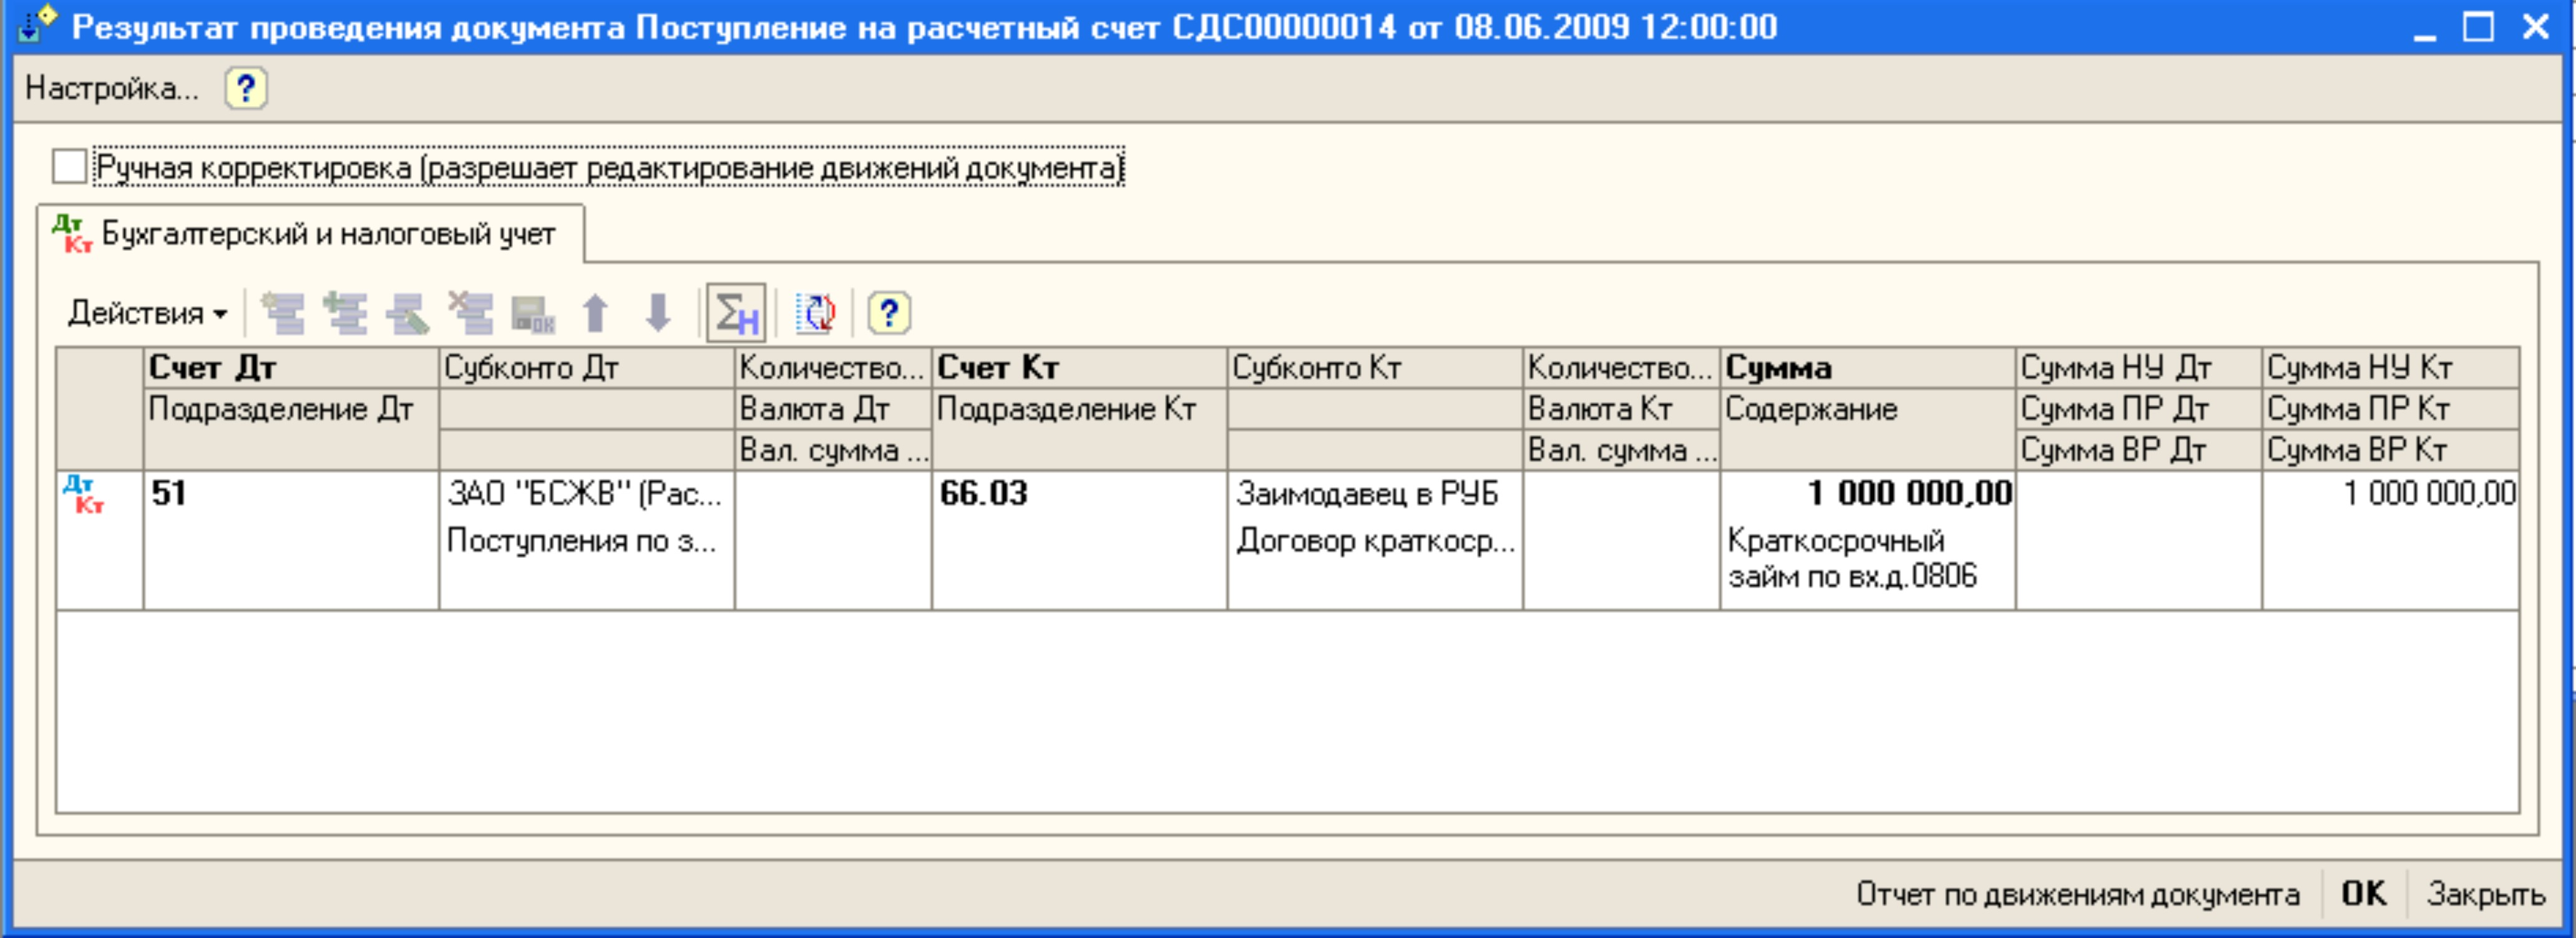 классификация кредитов и займов в бухгалтерском учете